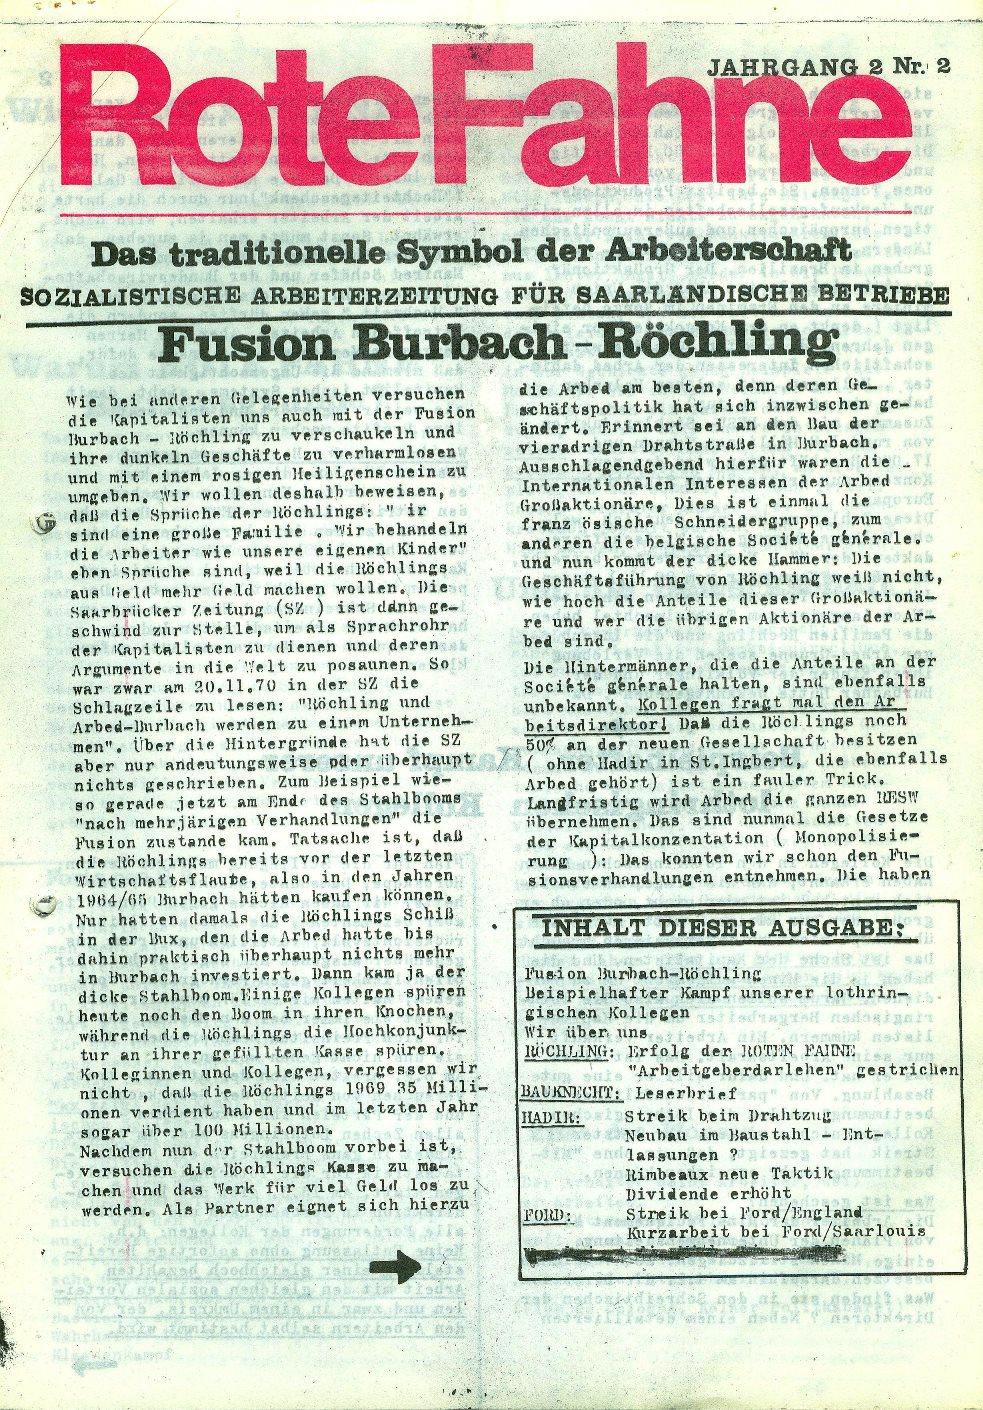 Saarbergbau021